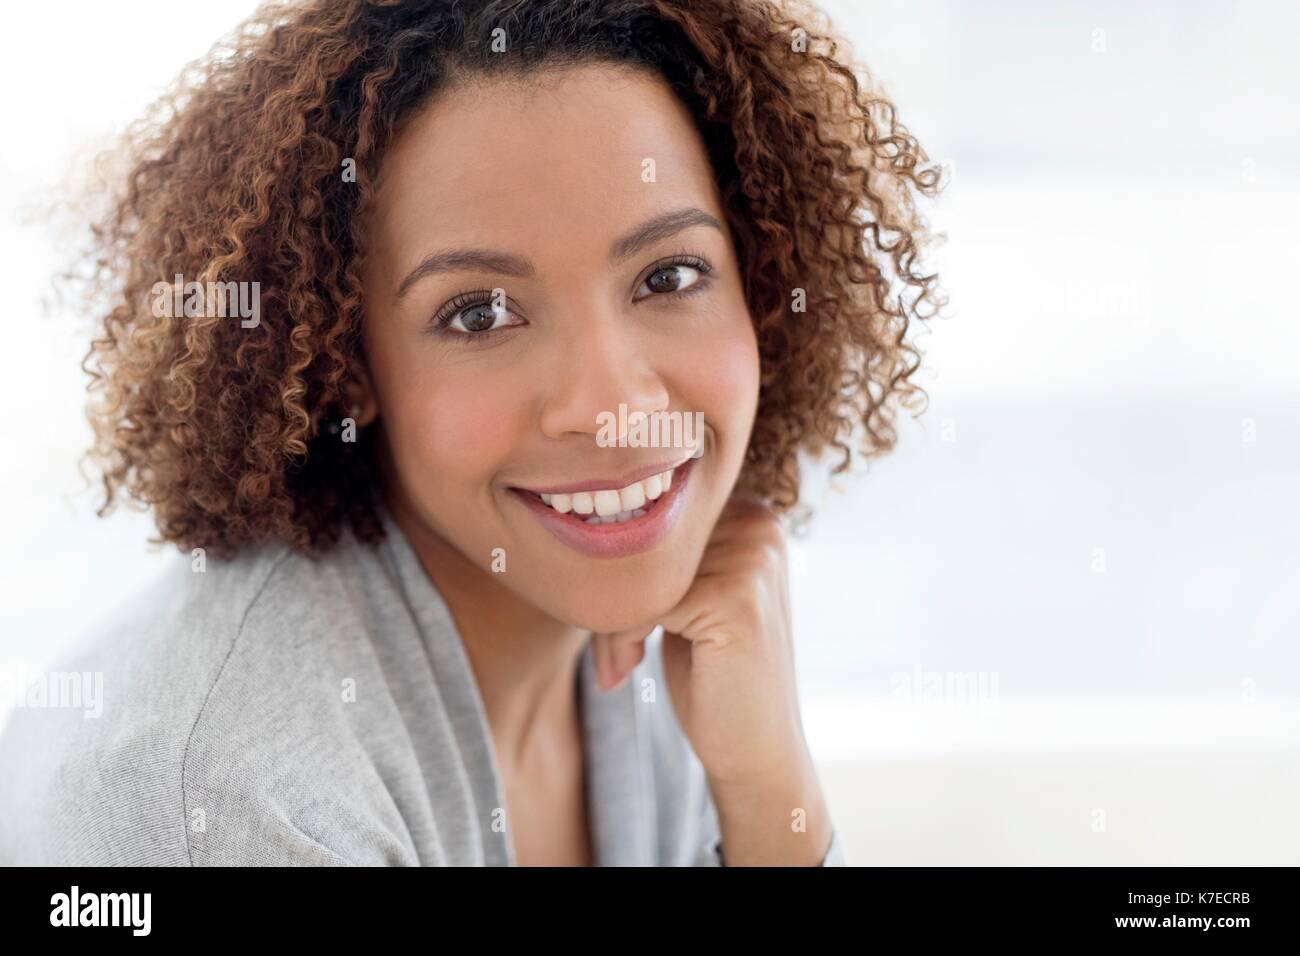 Portrait von Mitte der erwachsenen Frau lächelnd. Stockbild